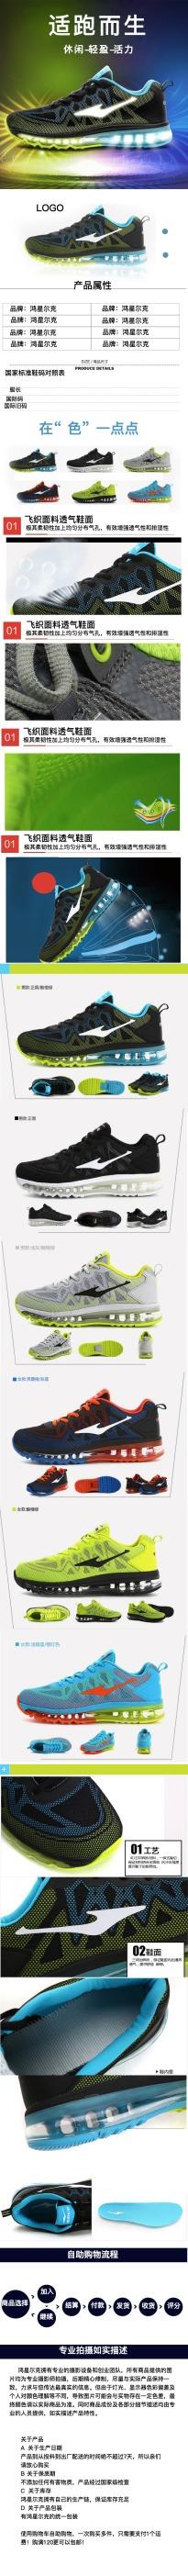 时尚炫酷多色运动鞋电商详情图